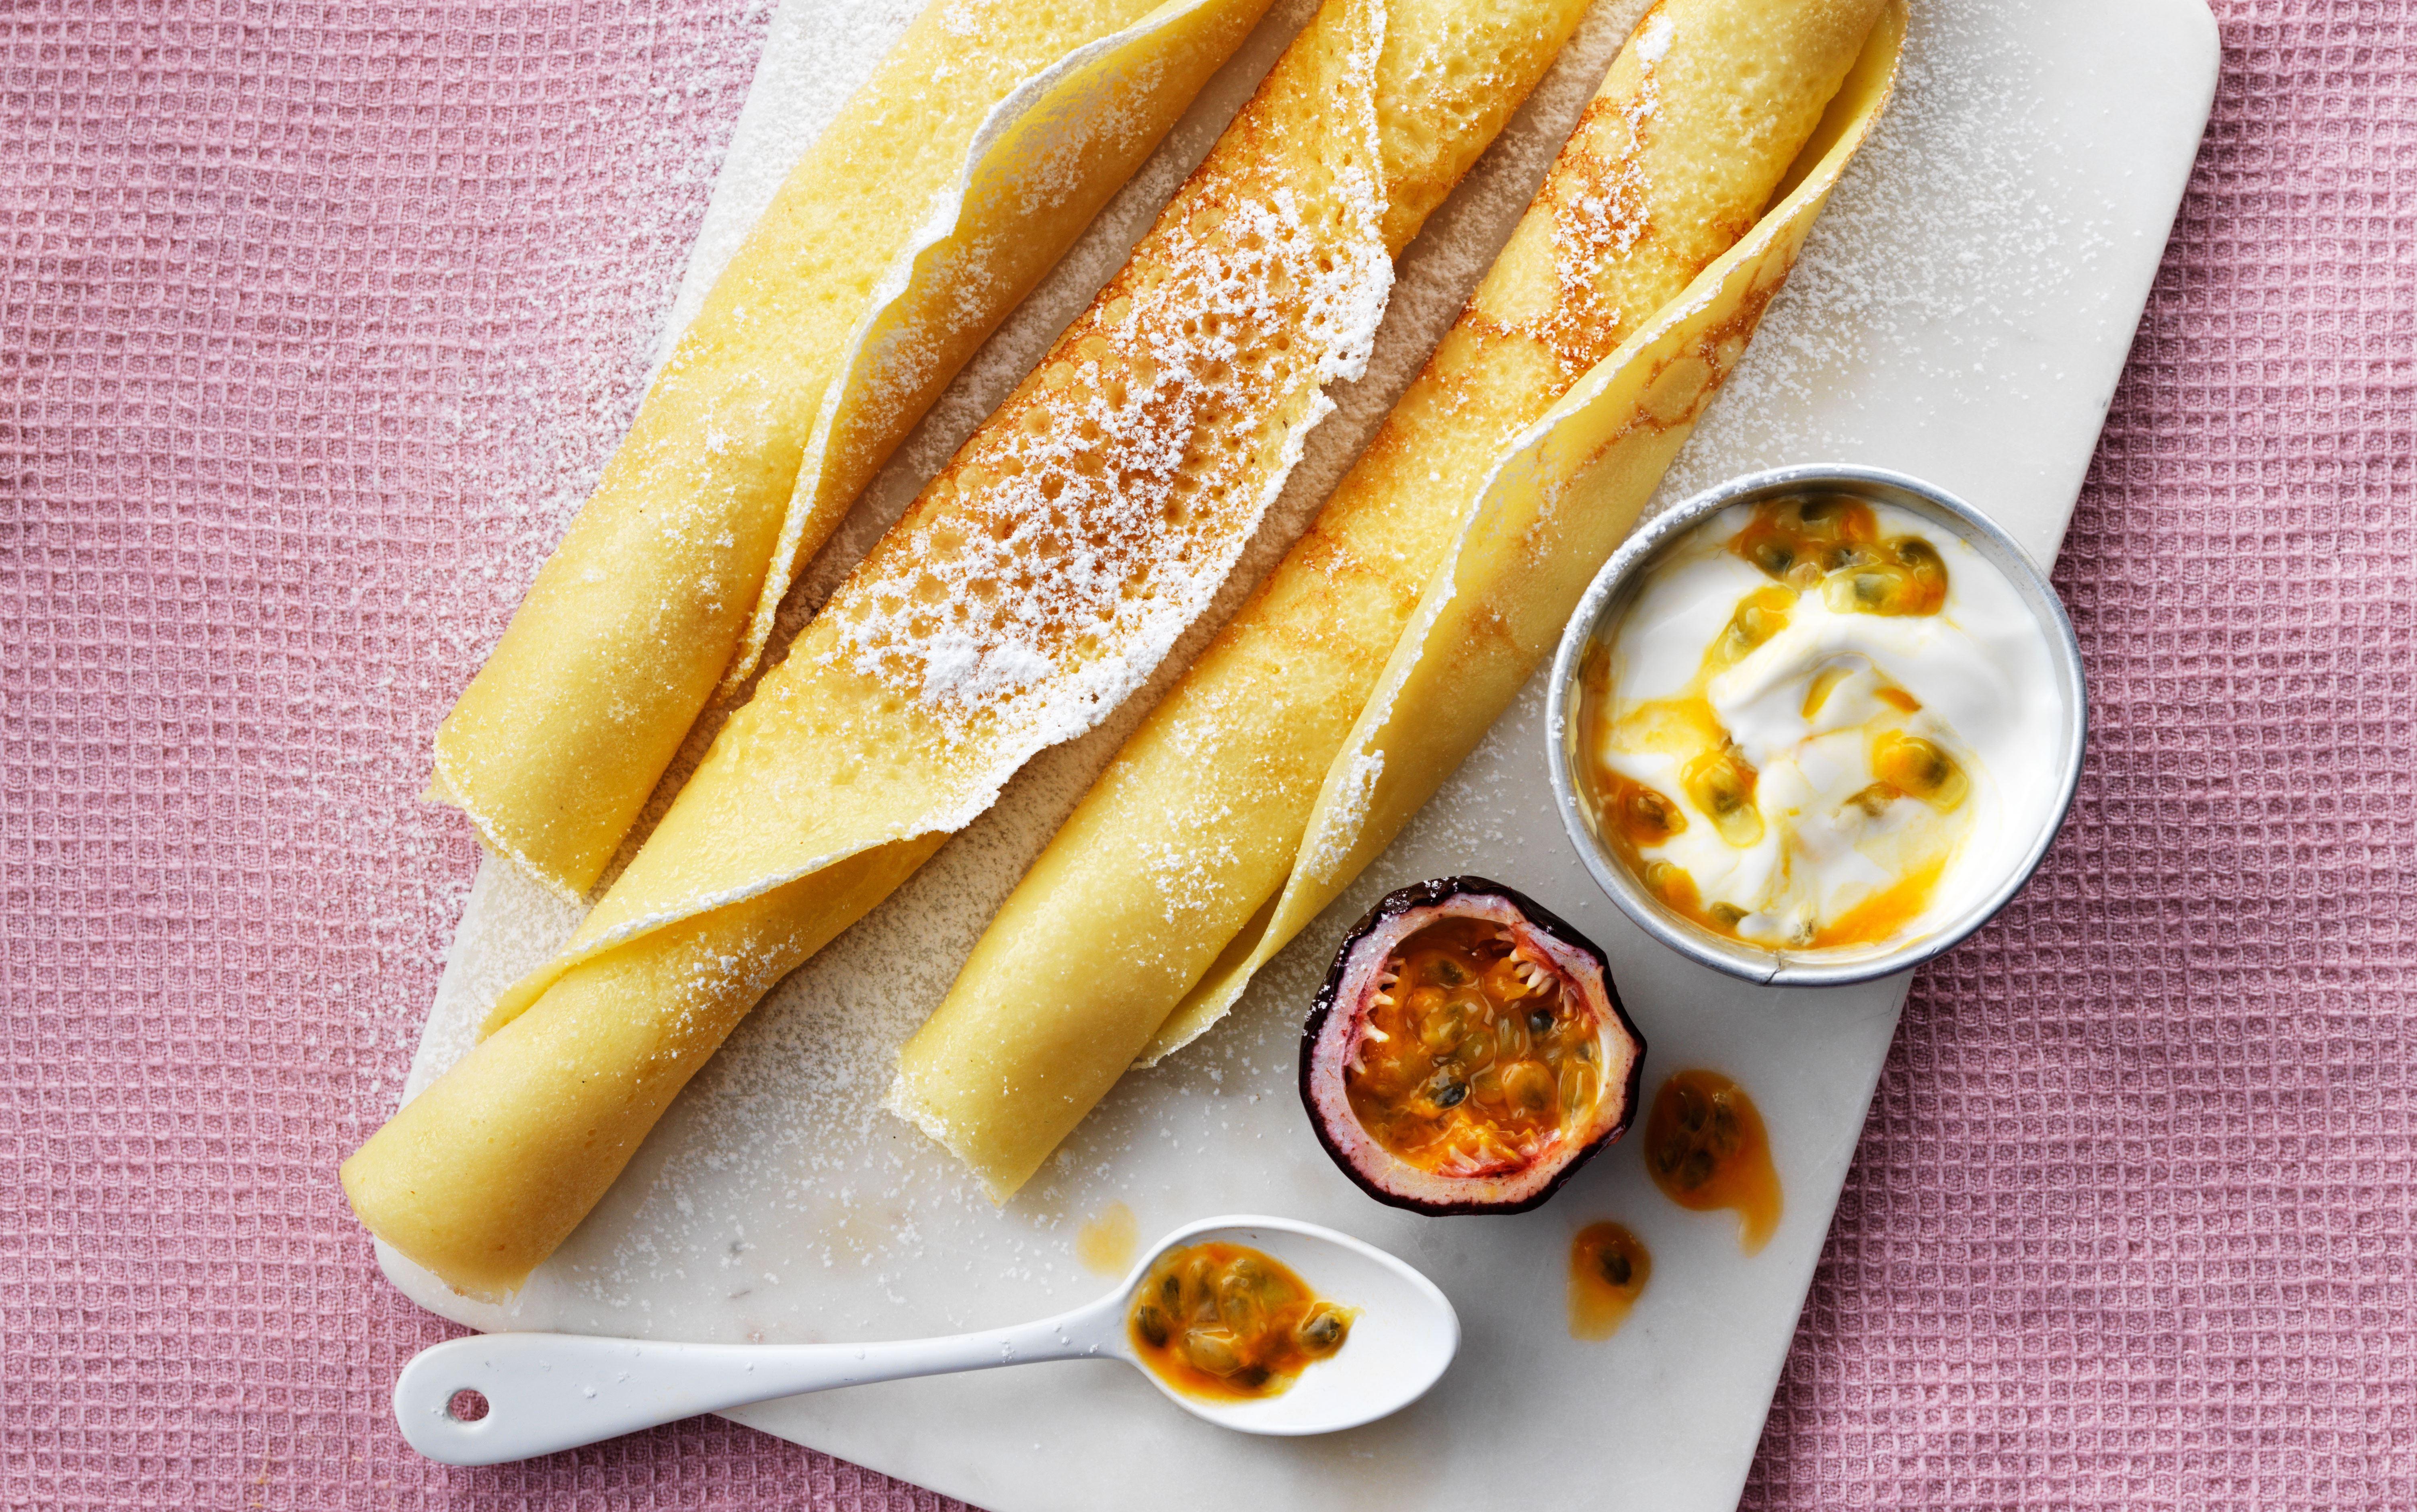 Pandekager med majs-, ris- og kartoffelmel